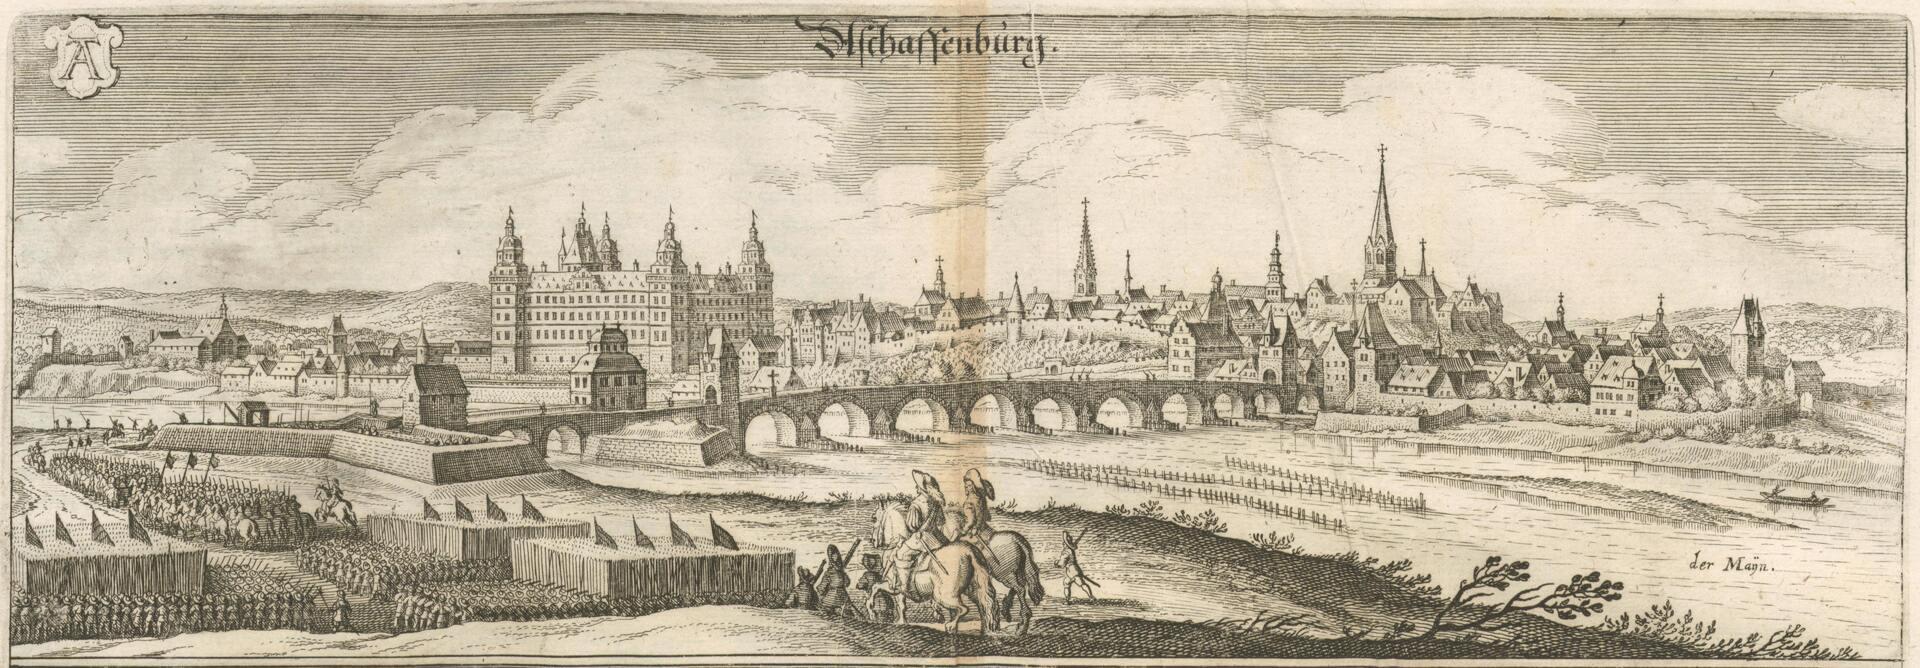 Aschaffenburg.jpg